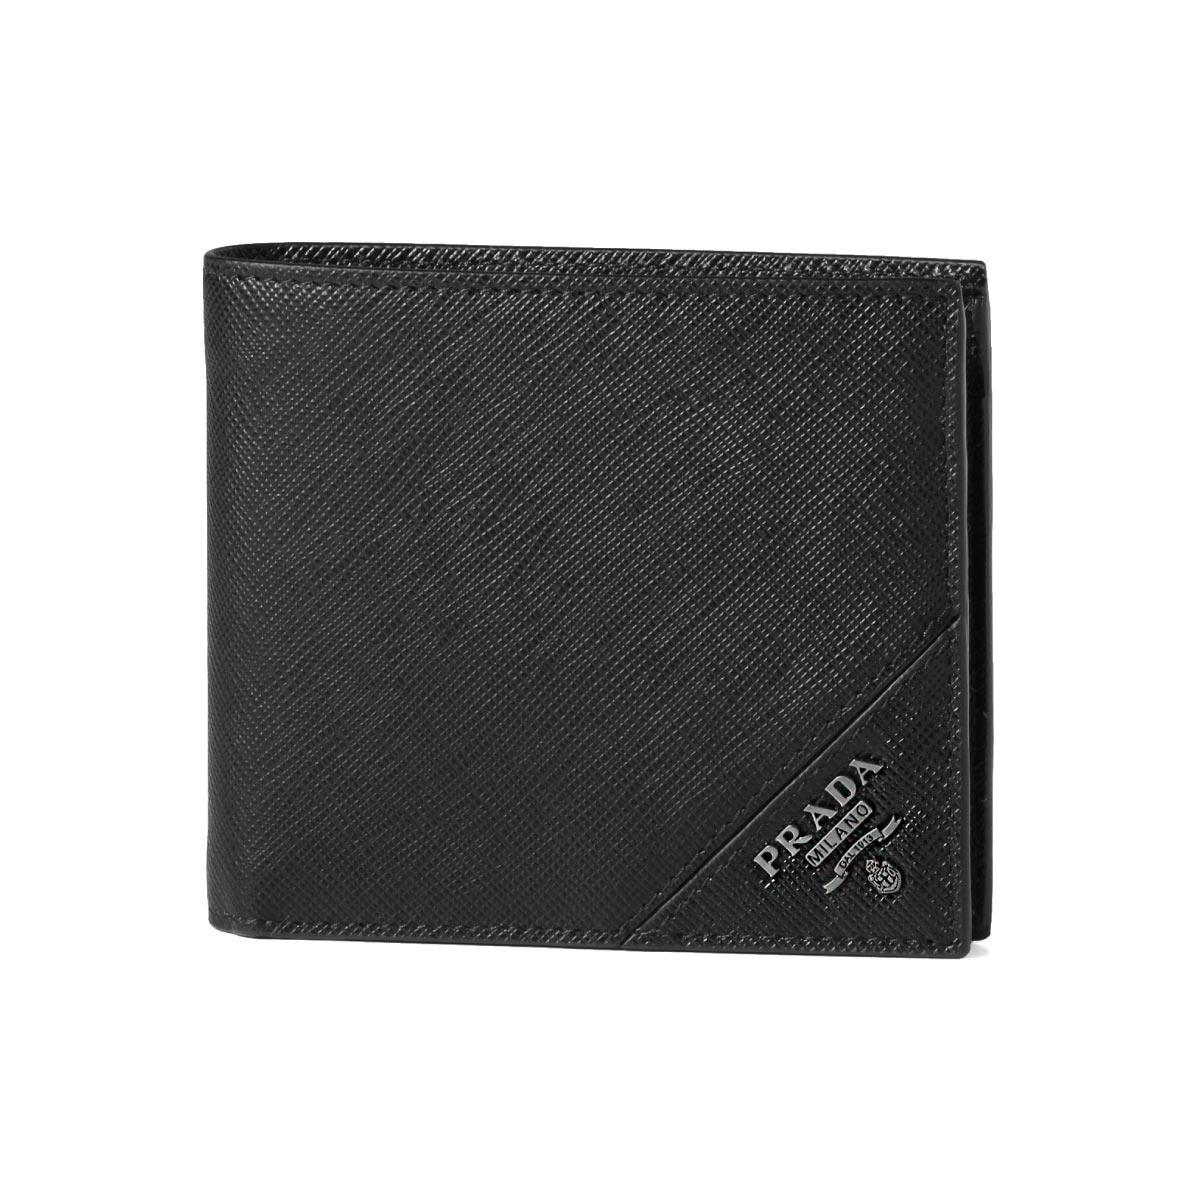 fd39b1006e88 Prada PRADA wallet men 2MO738 QME F0002 folio wallet SAFFIANO METAL NERO  black ...